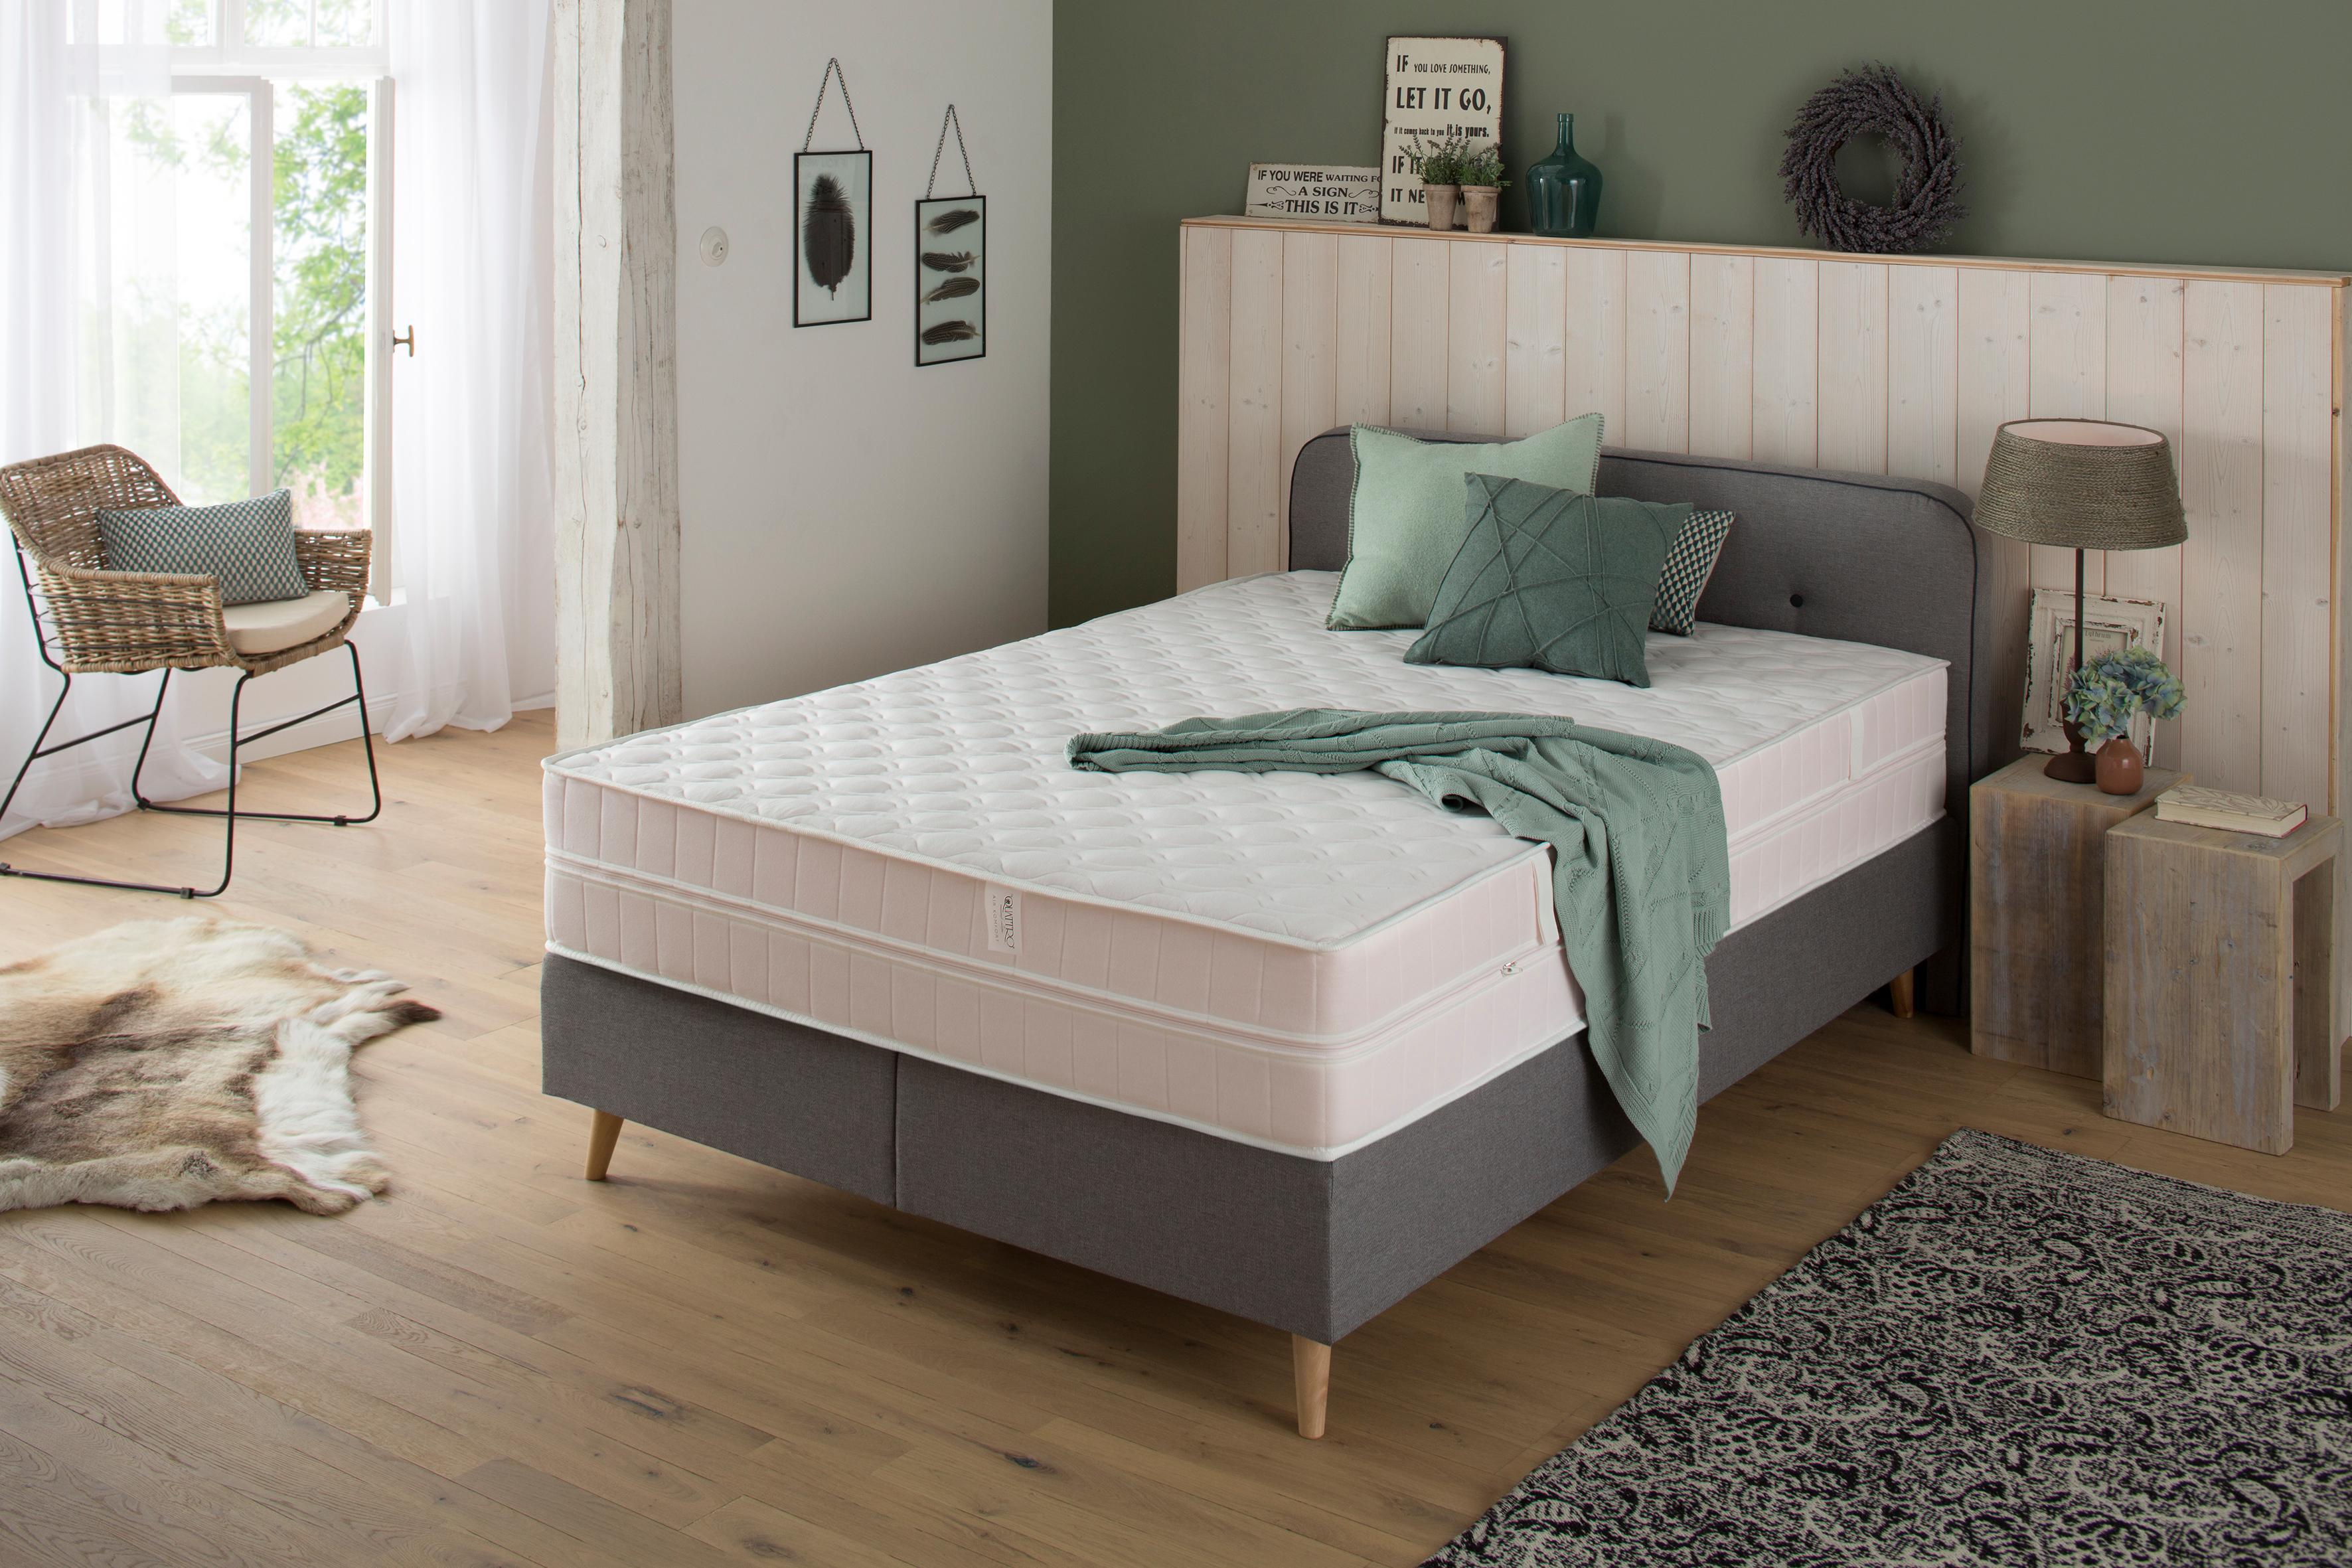 Komfortschaummatratze Airy Form Luxus DI QUATTRO 29 cm hoch